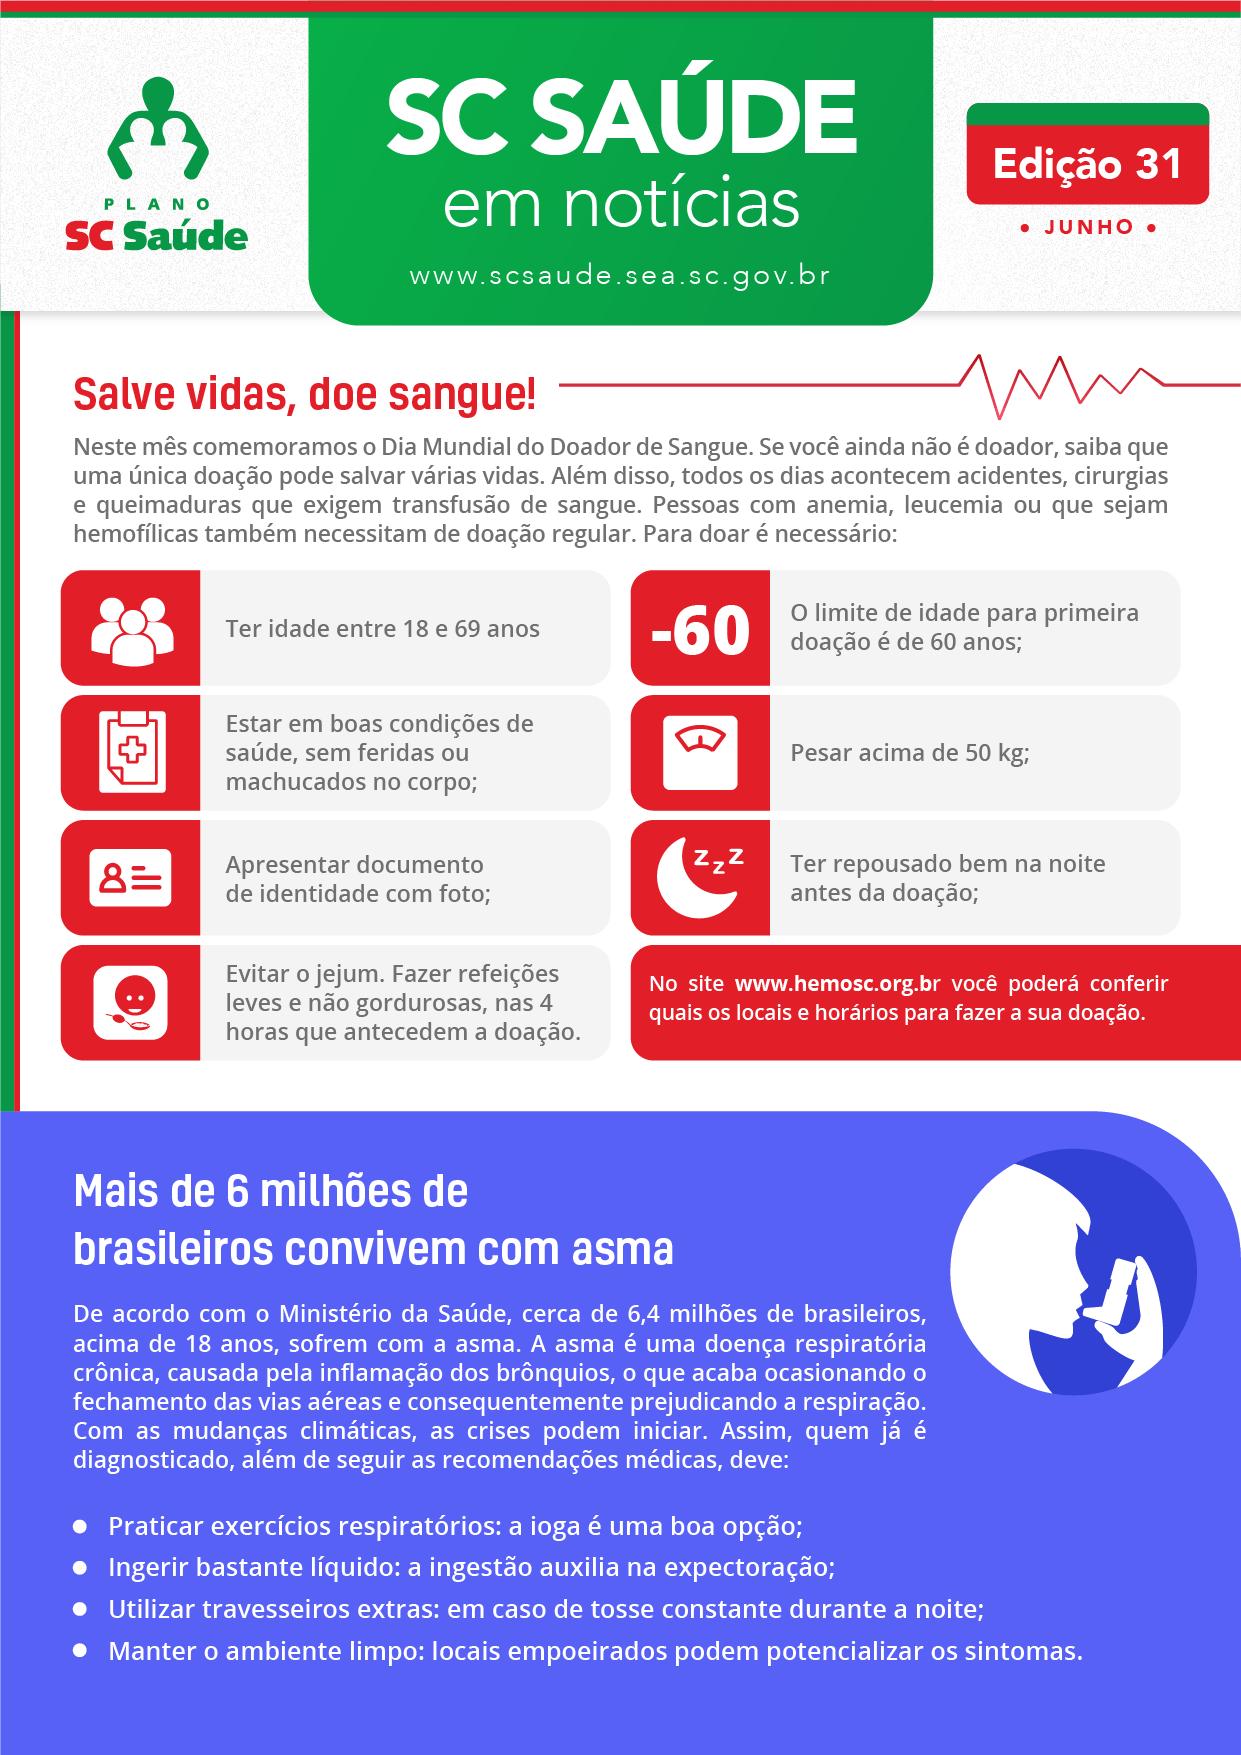 Edição 31 –Salve vidas, doe sangue!